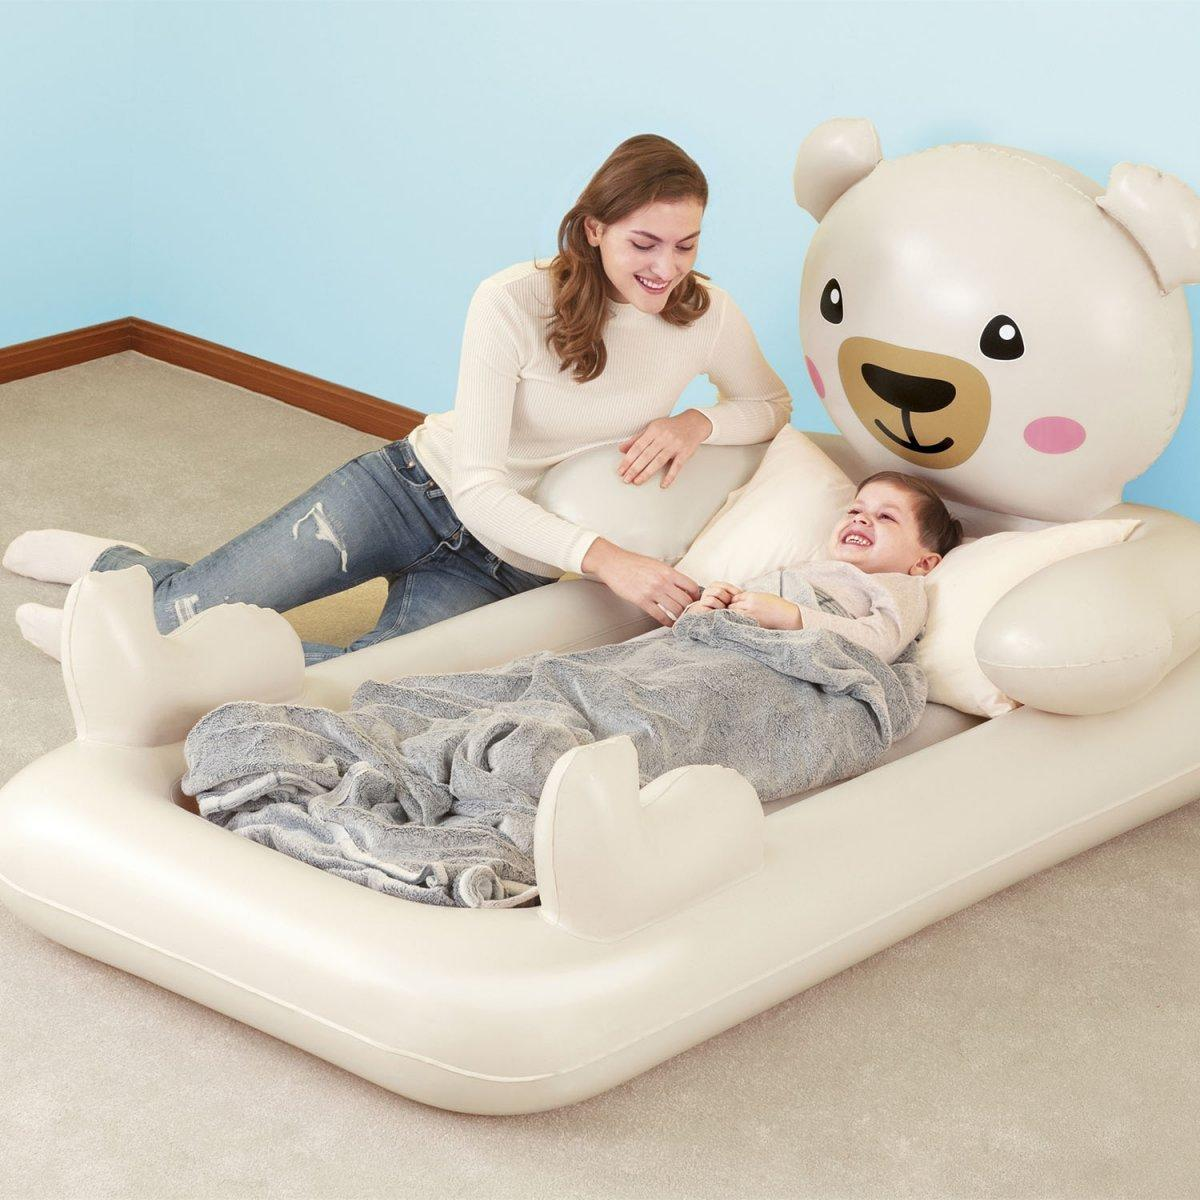 Детская надувная односпальная кровать Bestway 67712 Мишка Teddy, 109 х 188 х 89